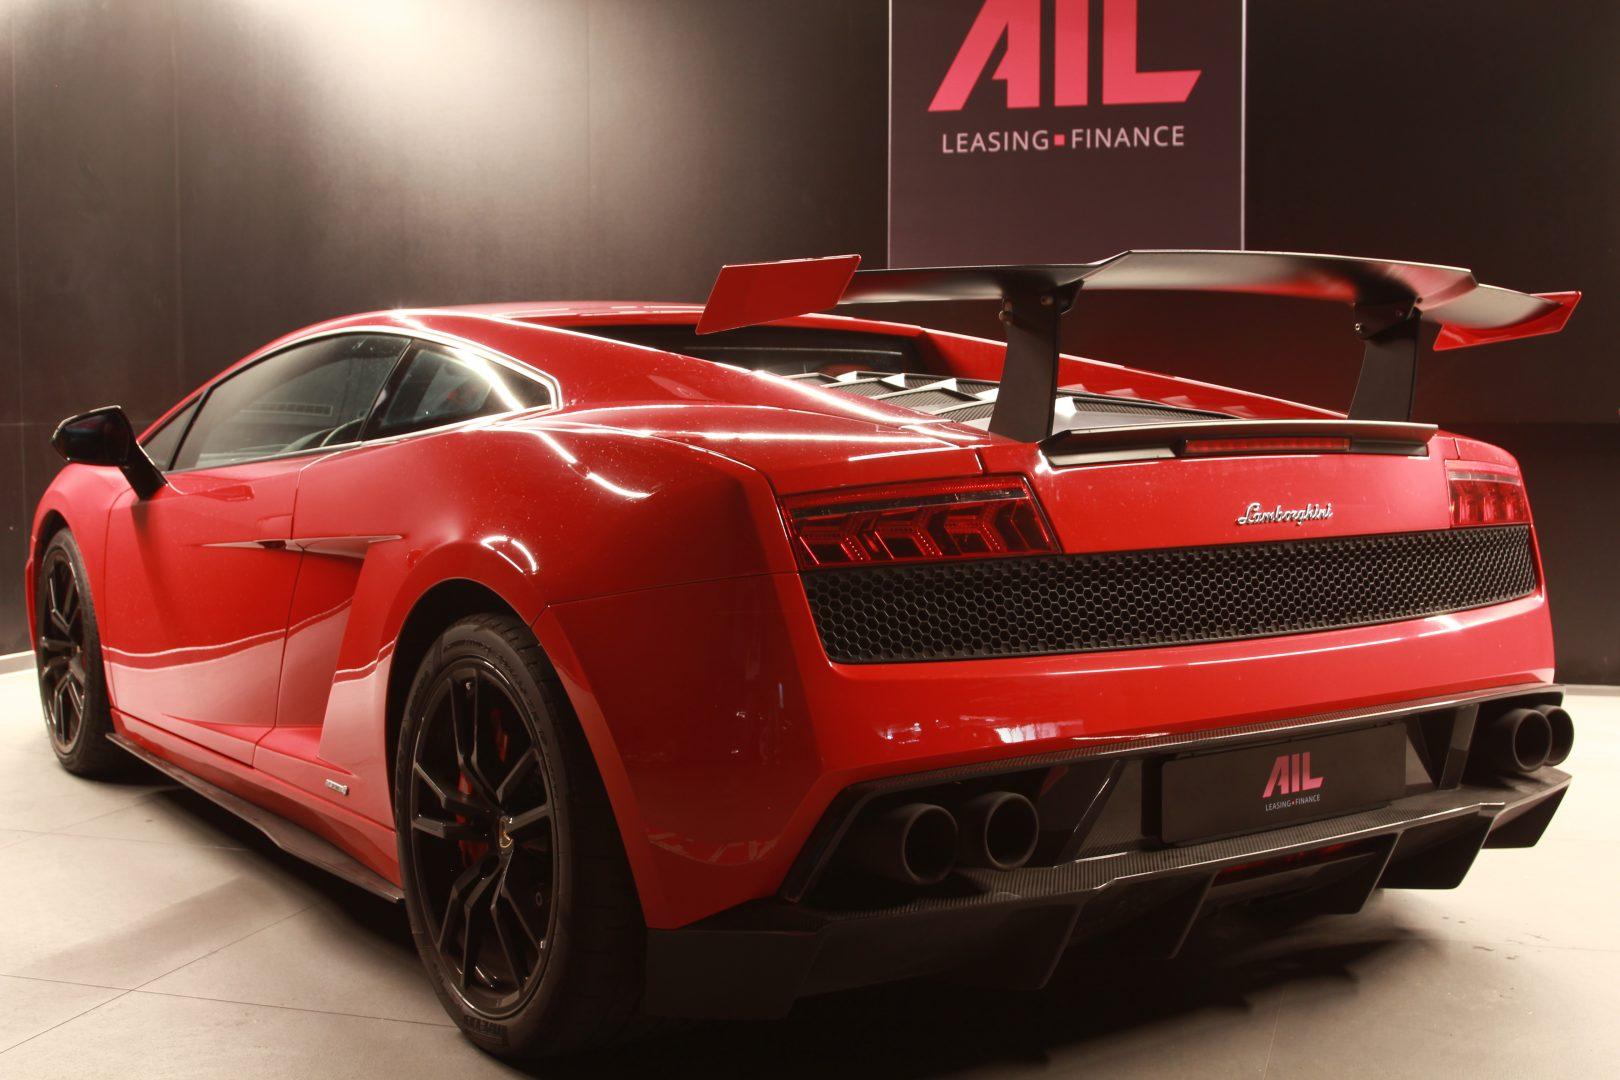 AIL Lamborghini Gallardo LP570-4 Super Trofeo 11